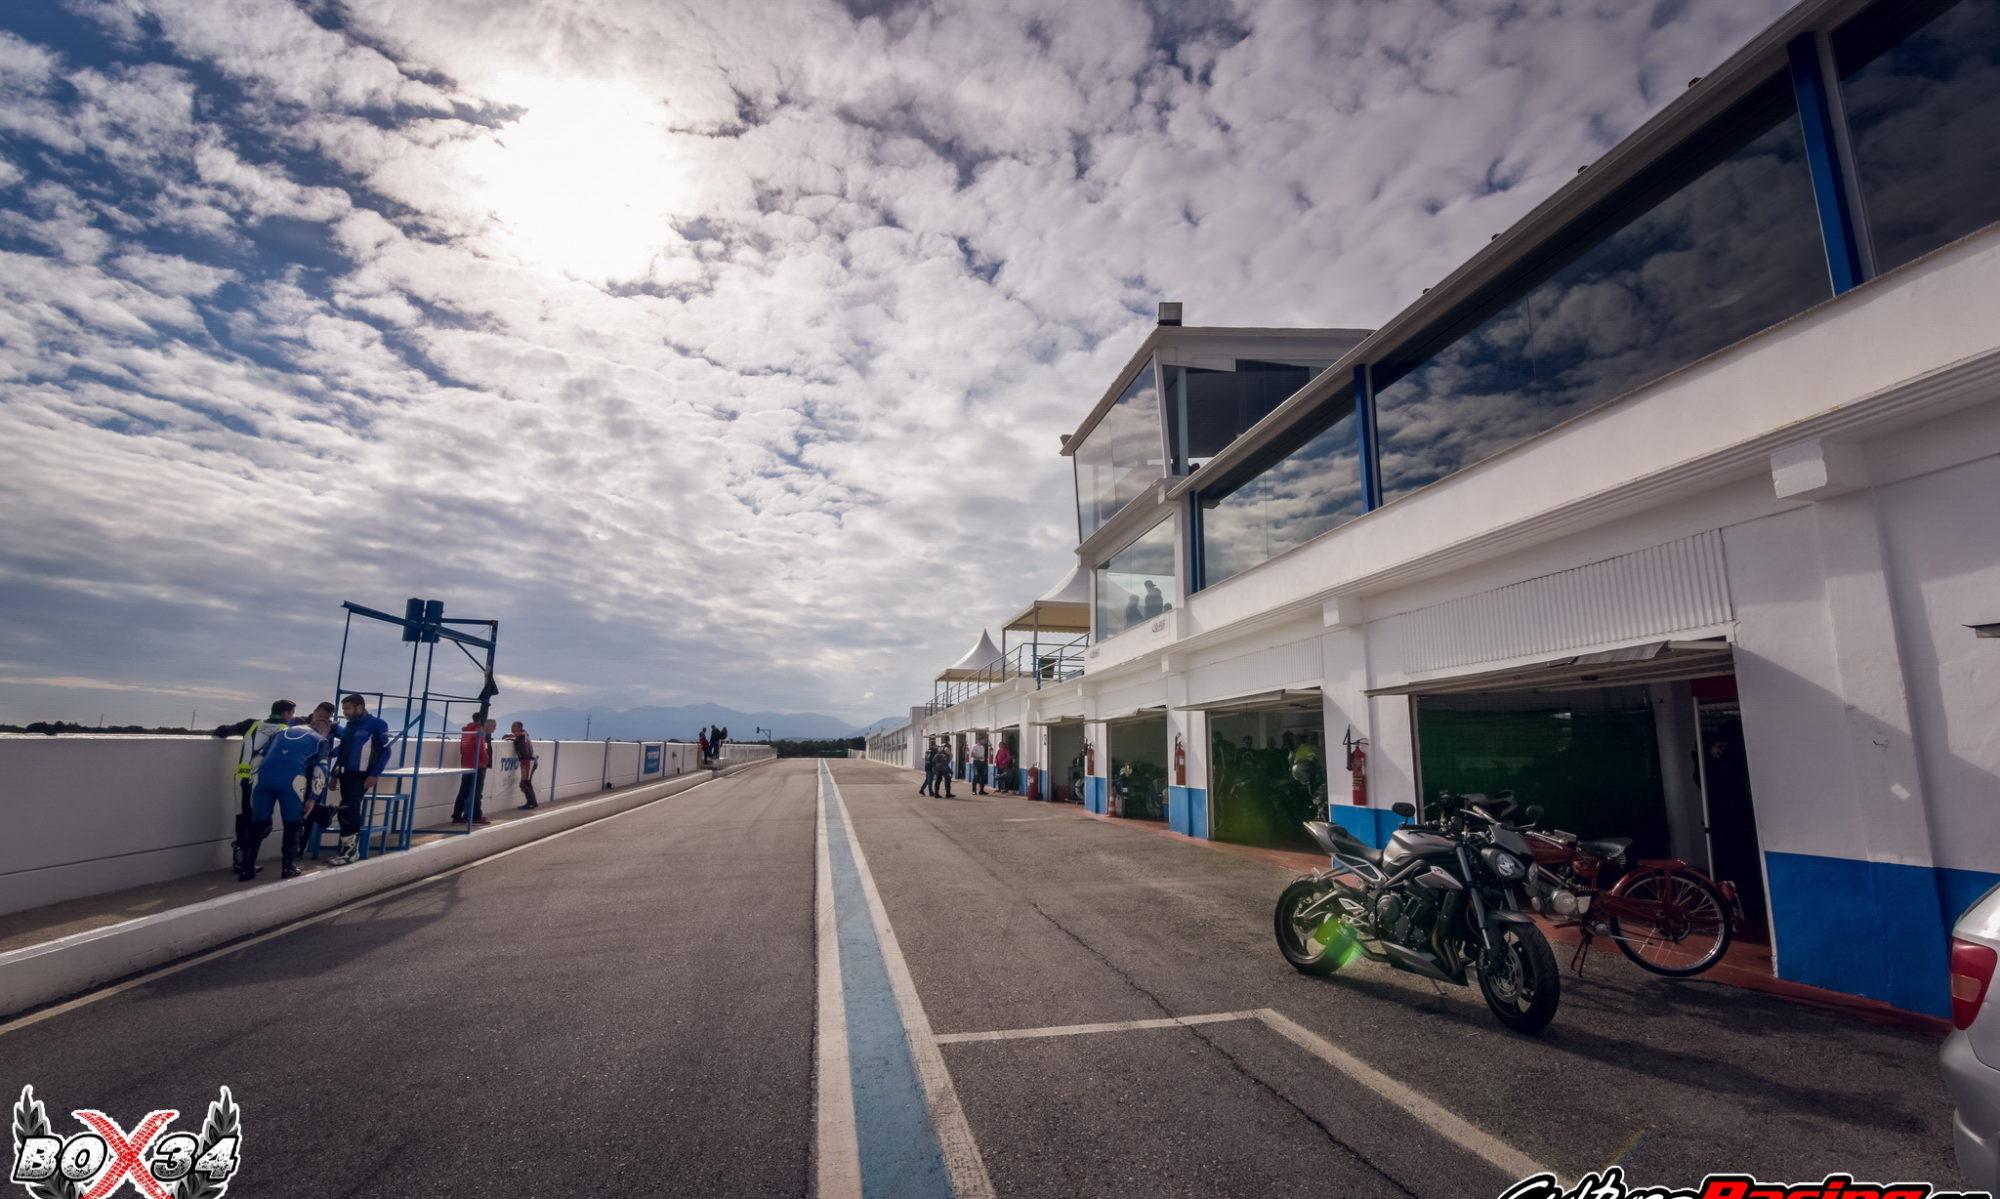 Circuito Guadix : Viaje y circuito descubrir el sur entre mar y montaña cultural